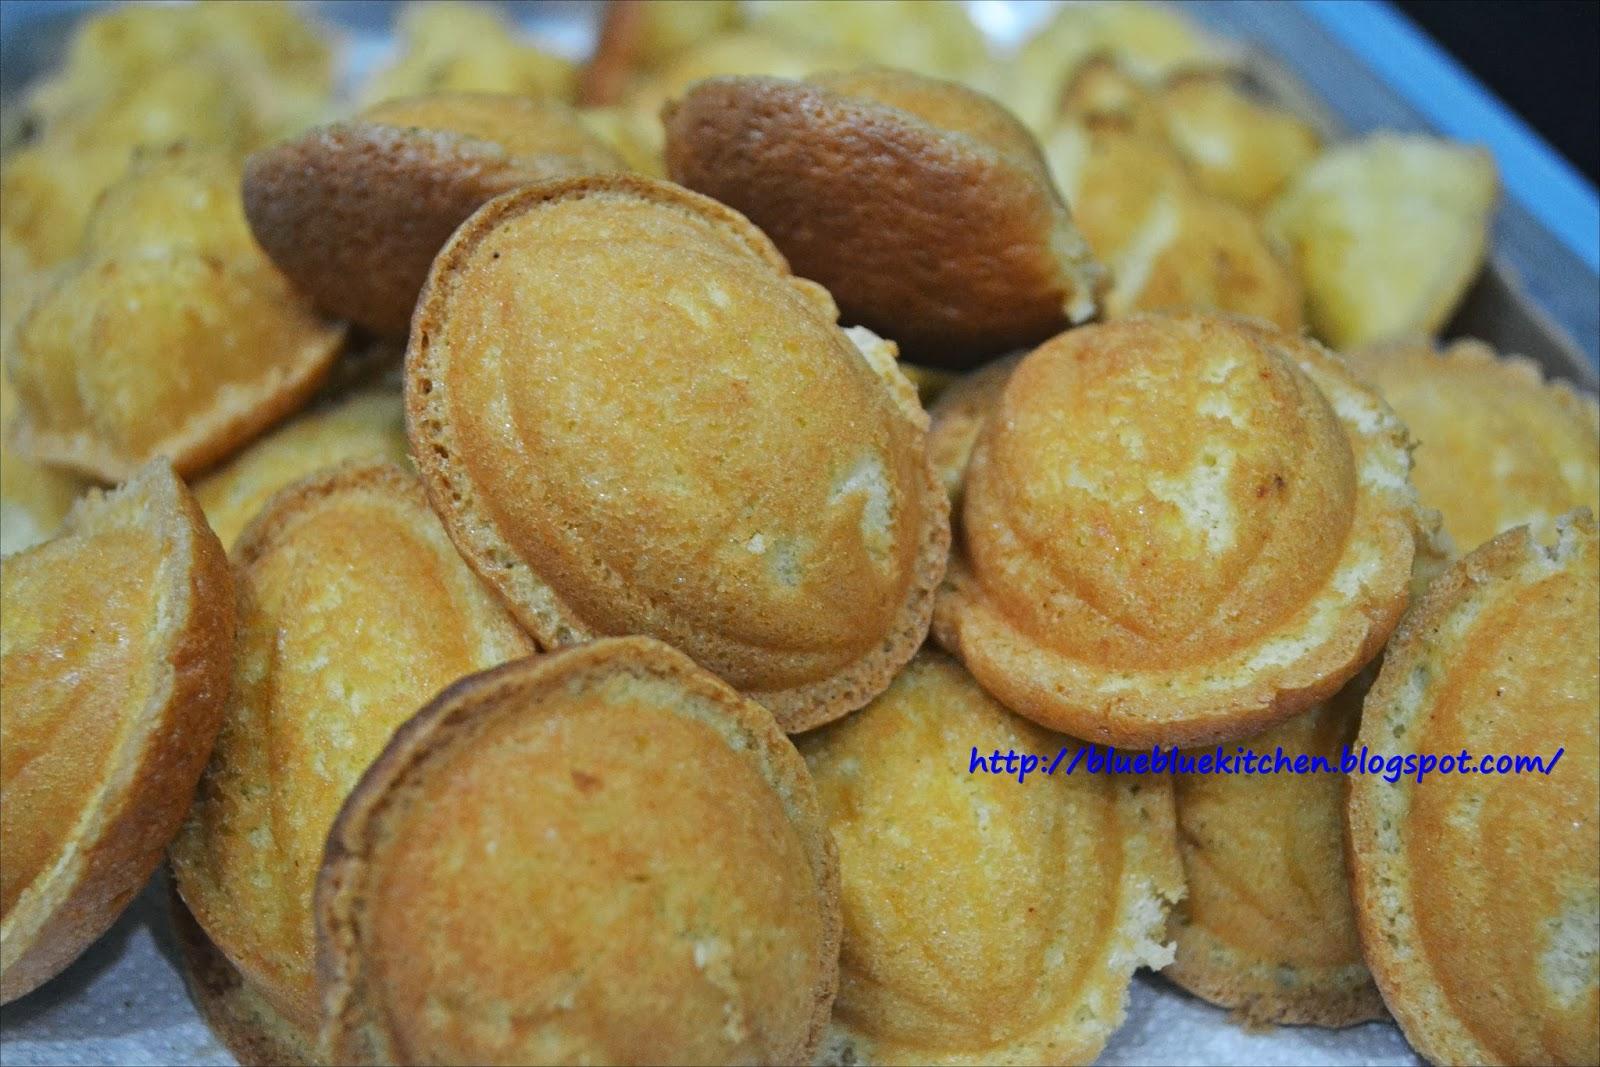 Kuih Bahulu (烘传鸡蛋糕)